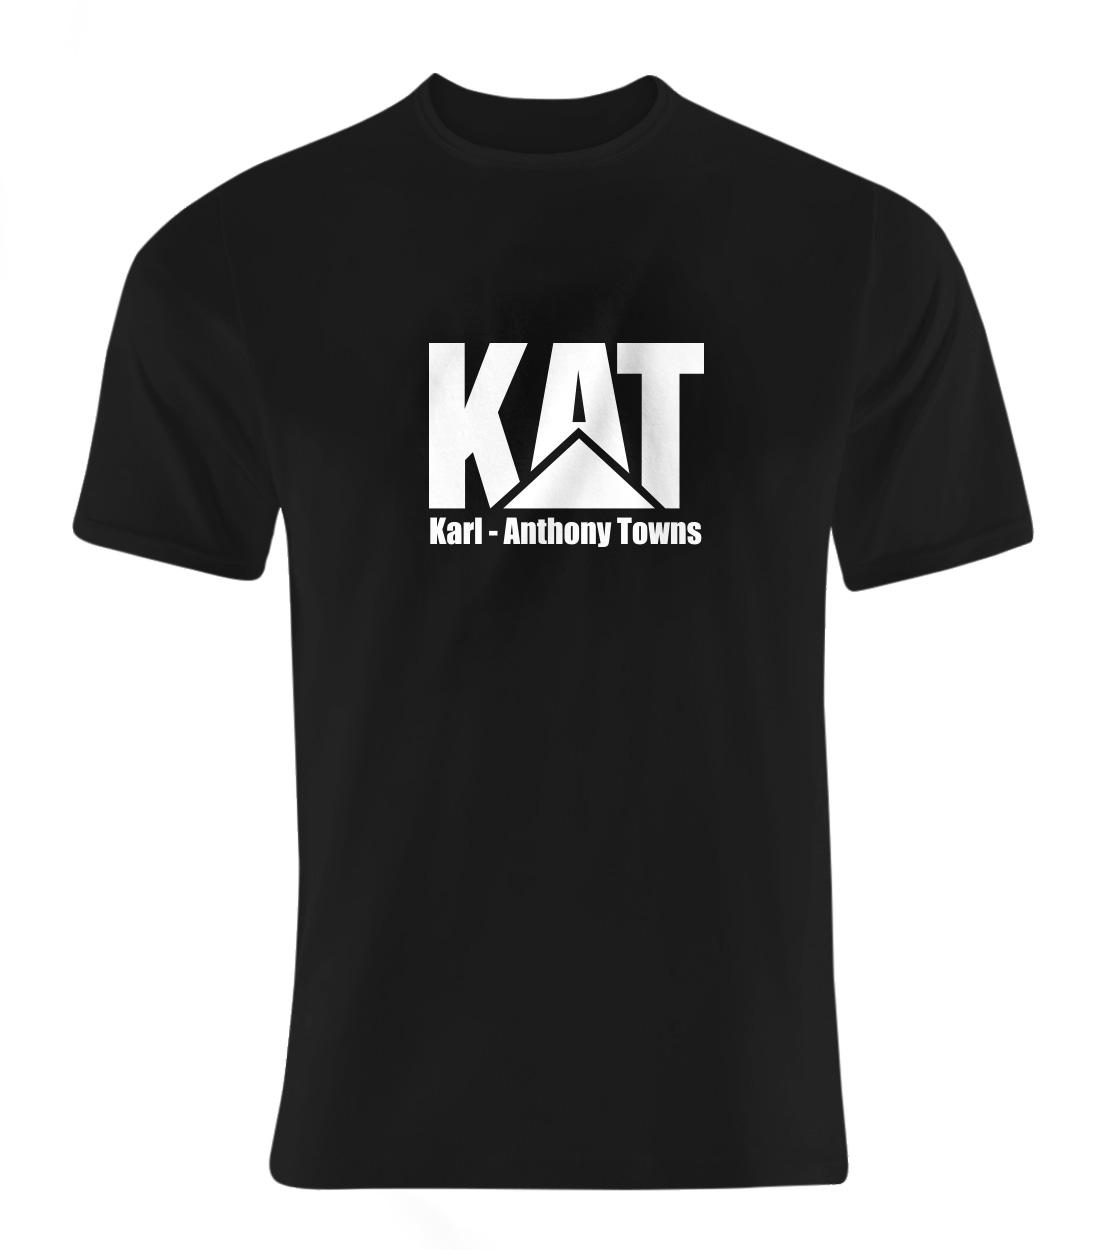 Karl Anthony Towns Tshirt (TSH-BLC-PLT-kat-logo-616)